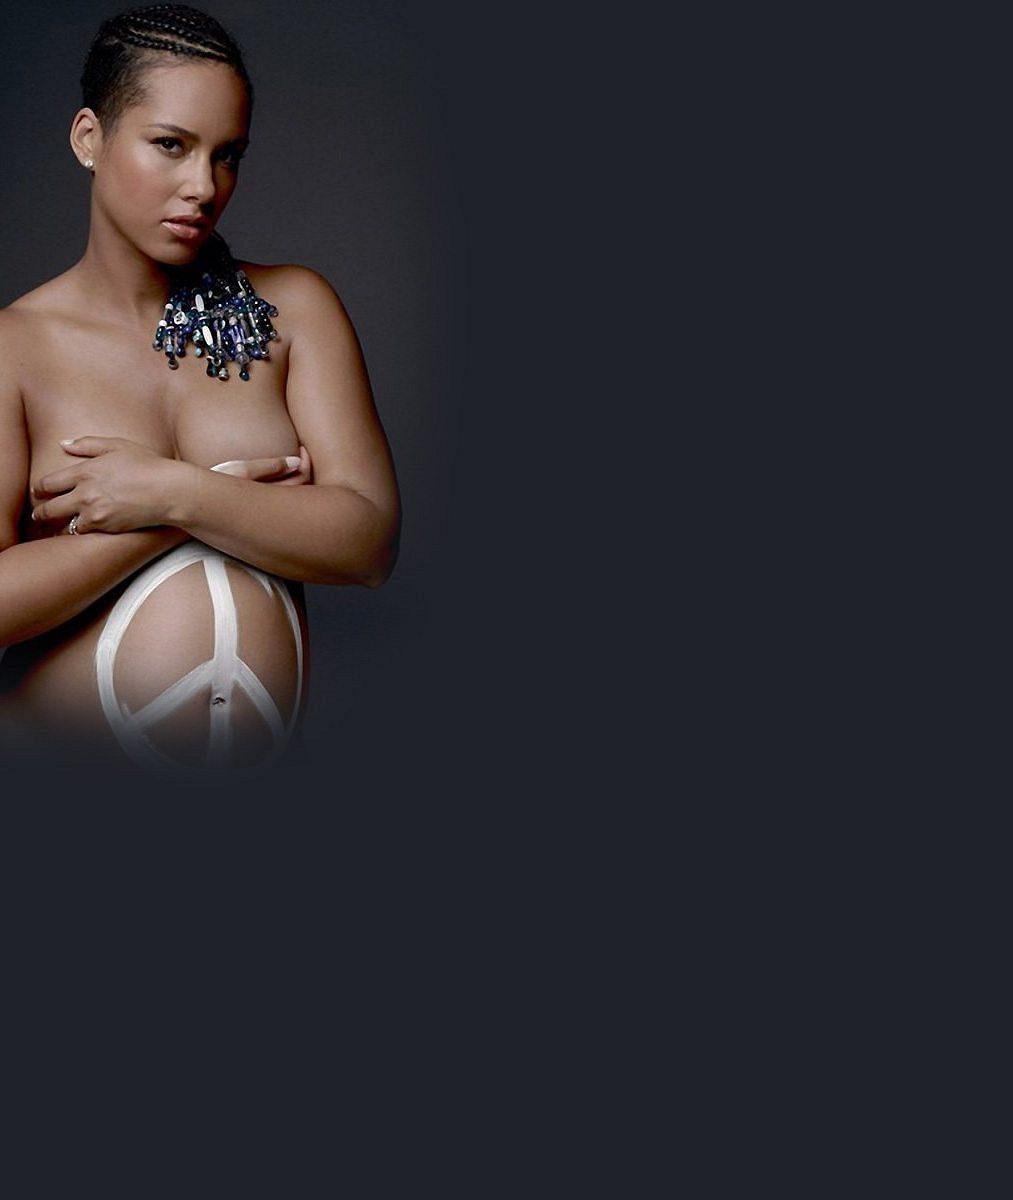 Krásná zpěvačka se v těhotenství svlékla do naha: I takovýmto sexy způsobem se dá bojovat za mír